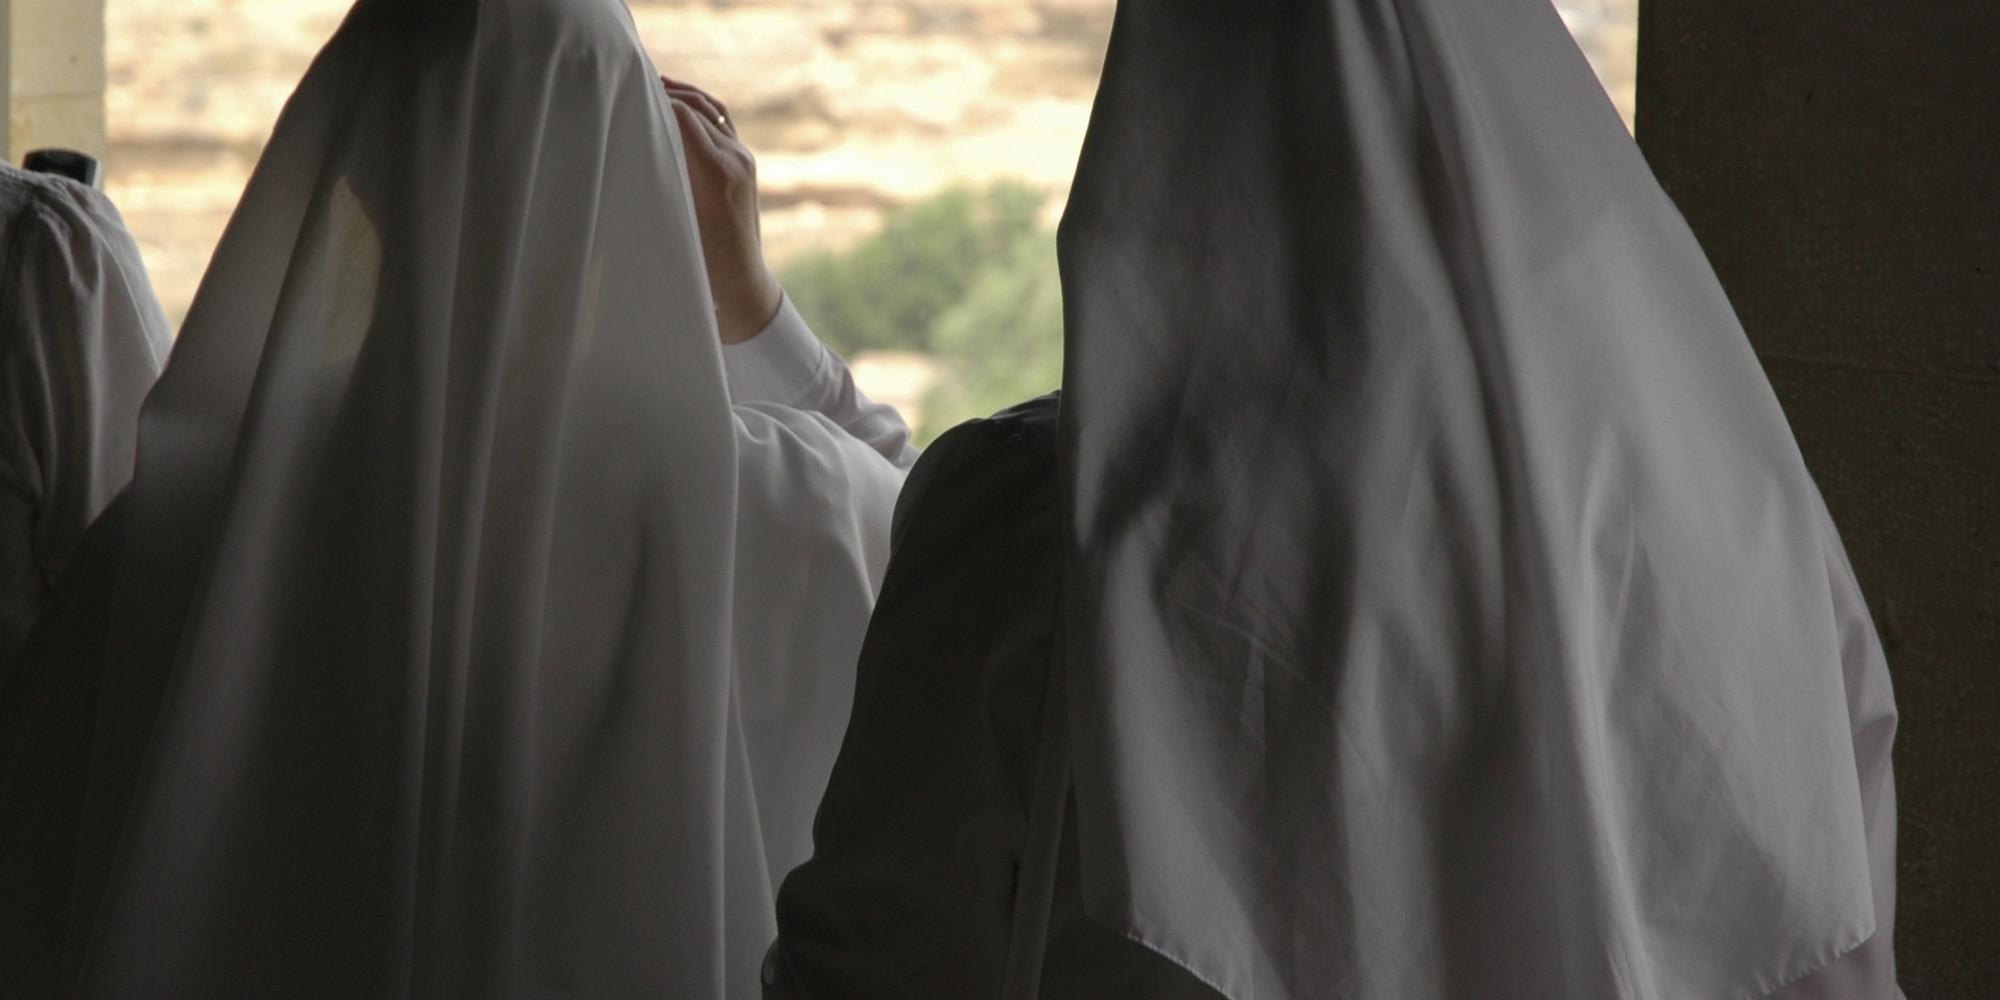 Dos monjas cuelgan los hábitos para casarse